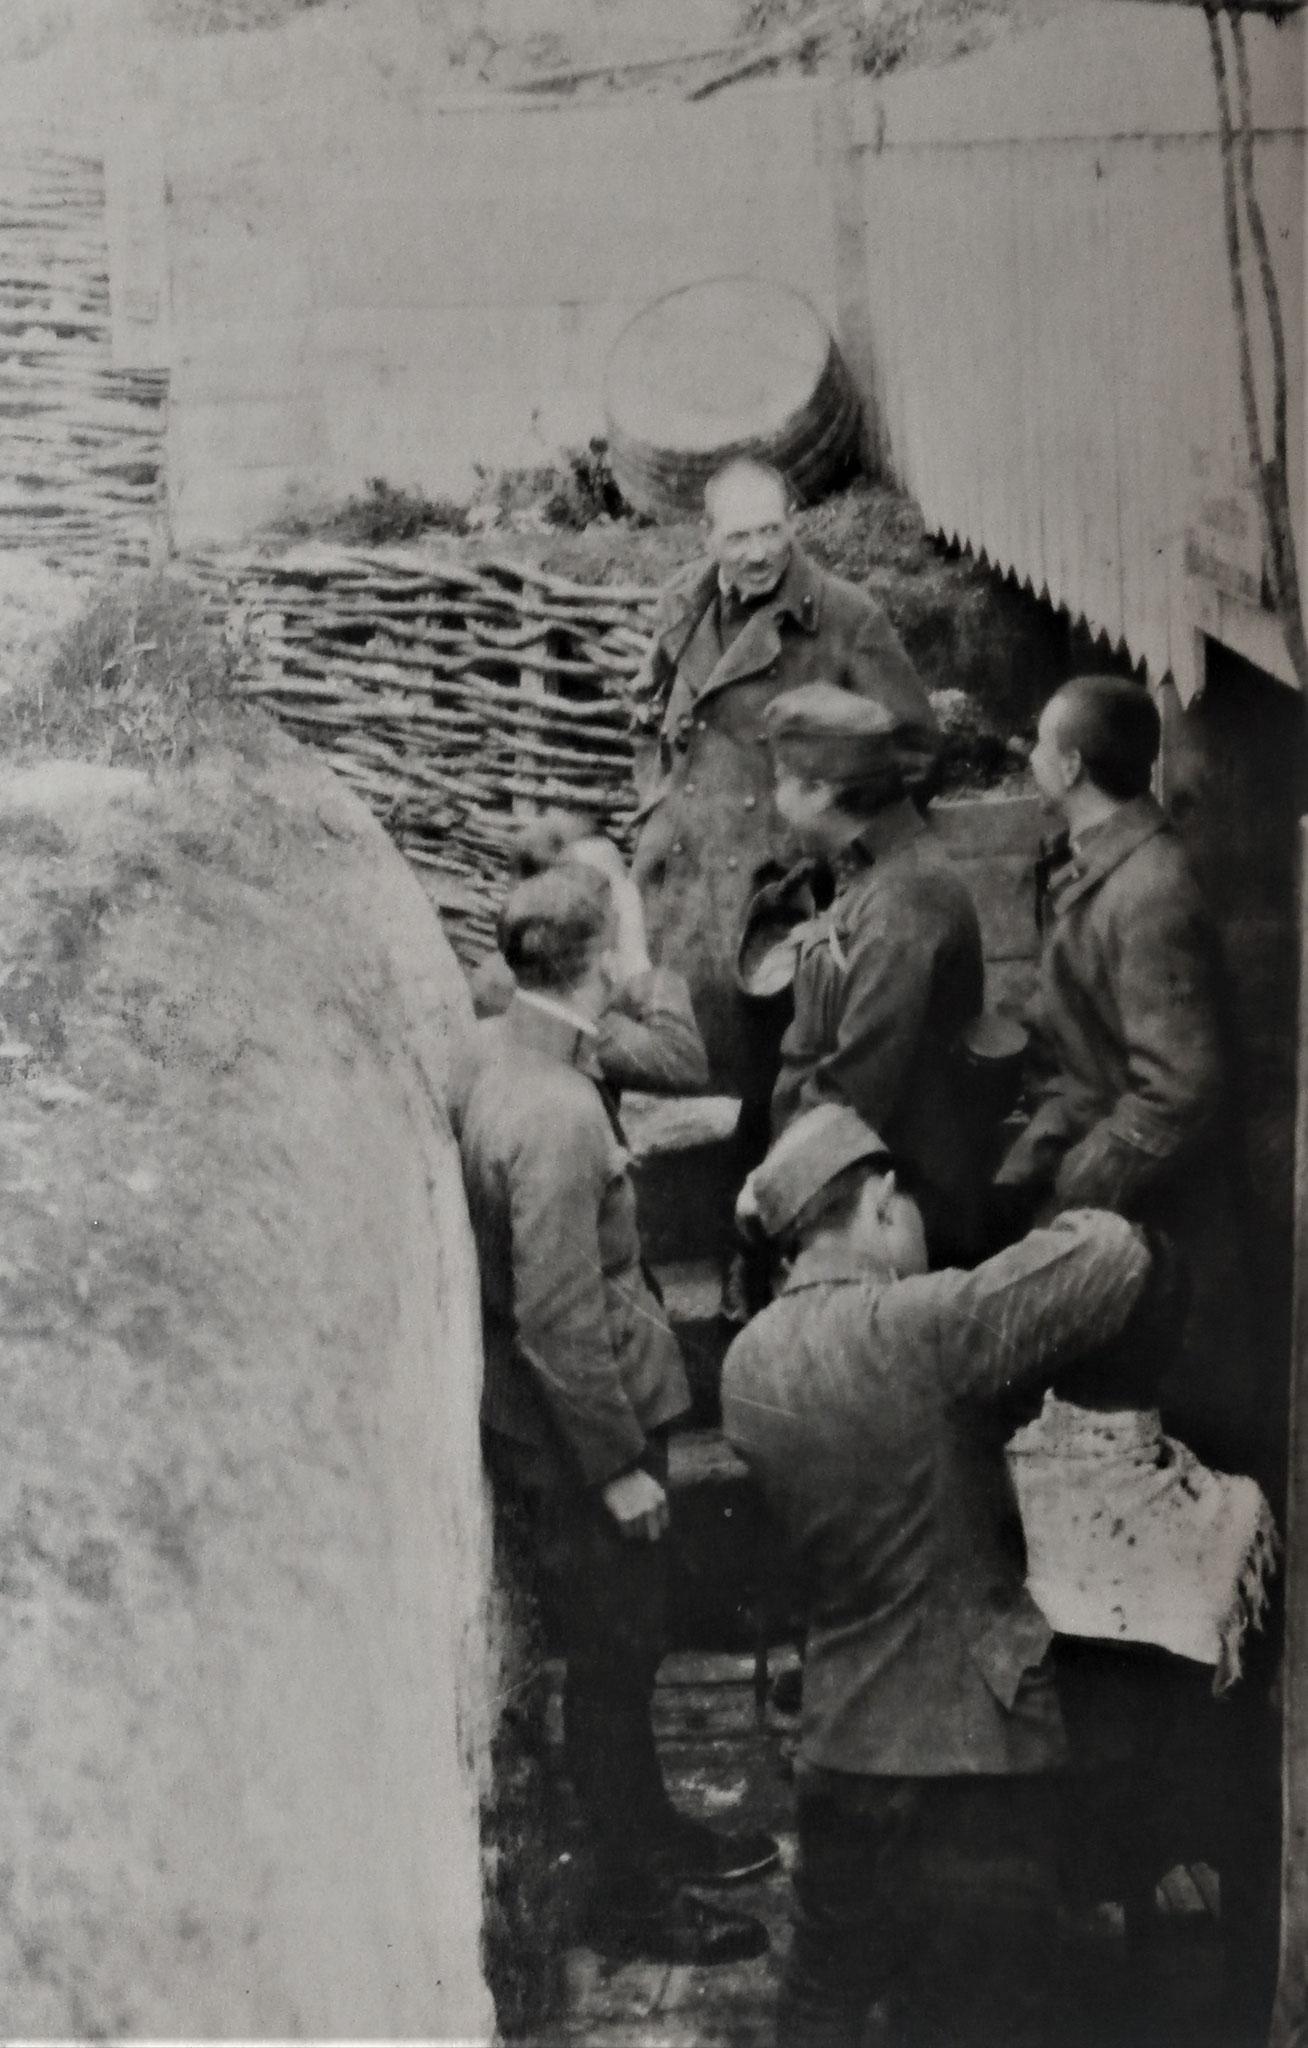 Krieghammer und Mannschaft beim Haareschneiden.